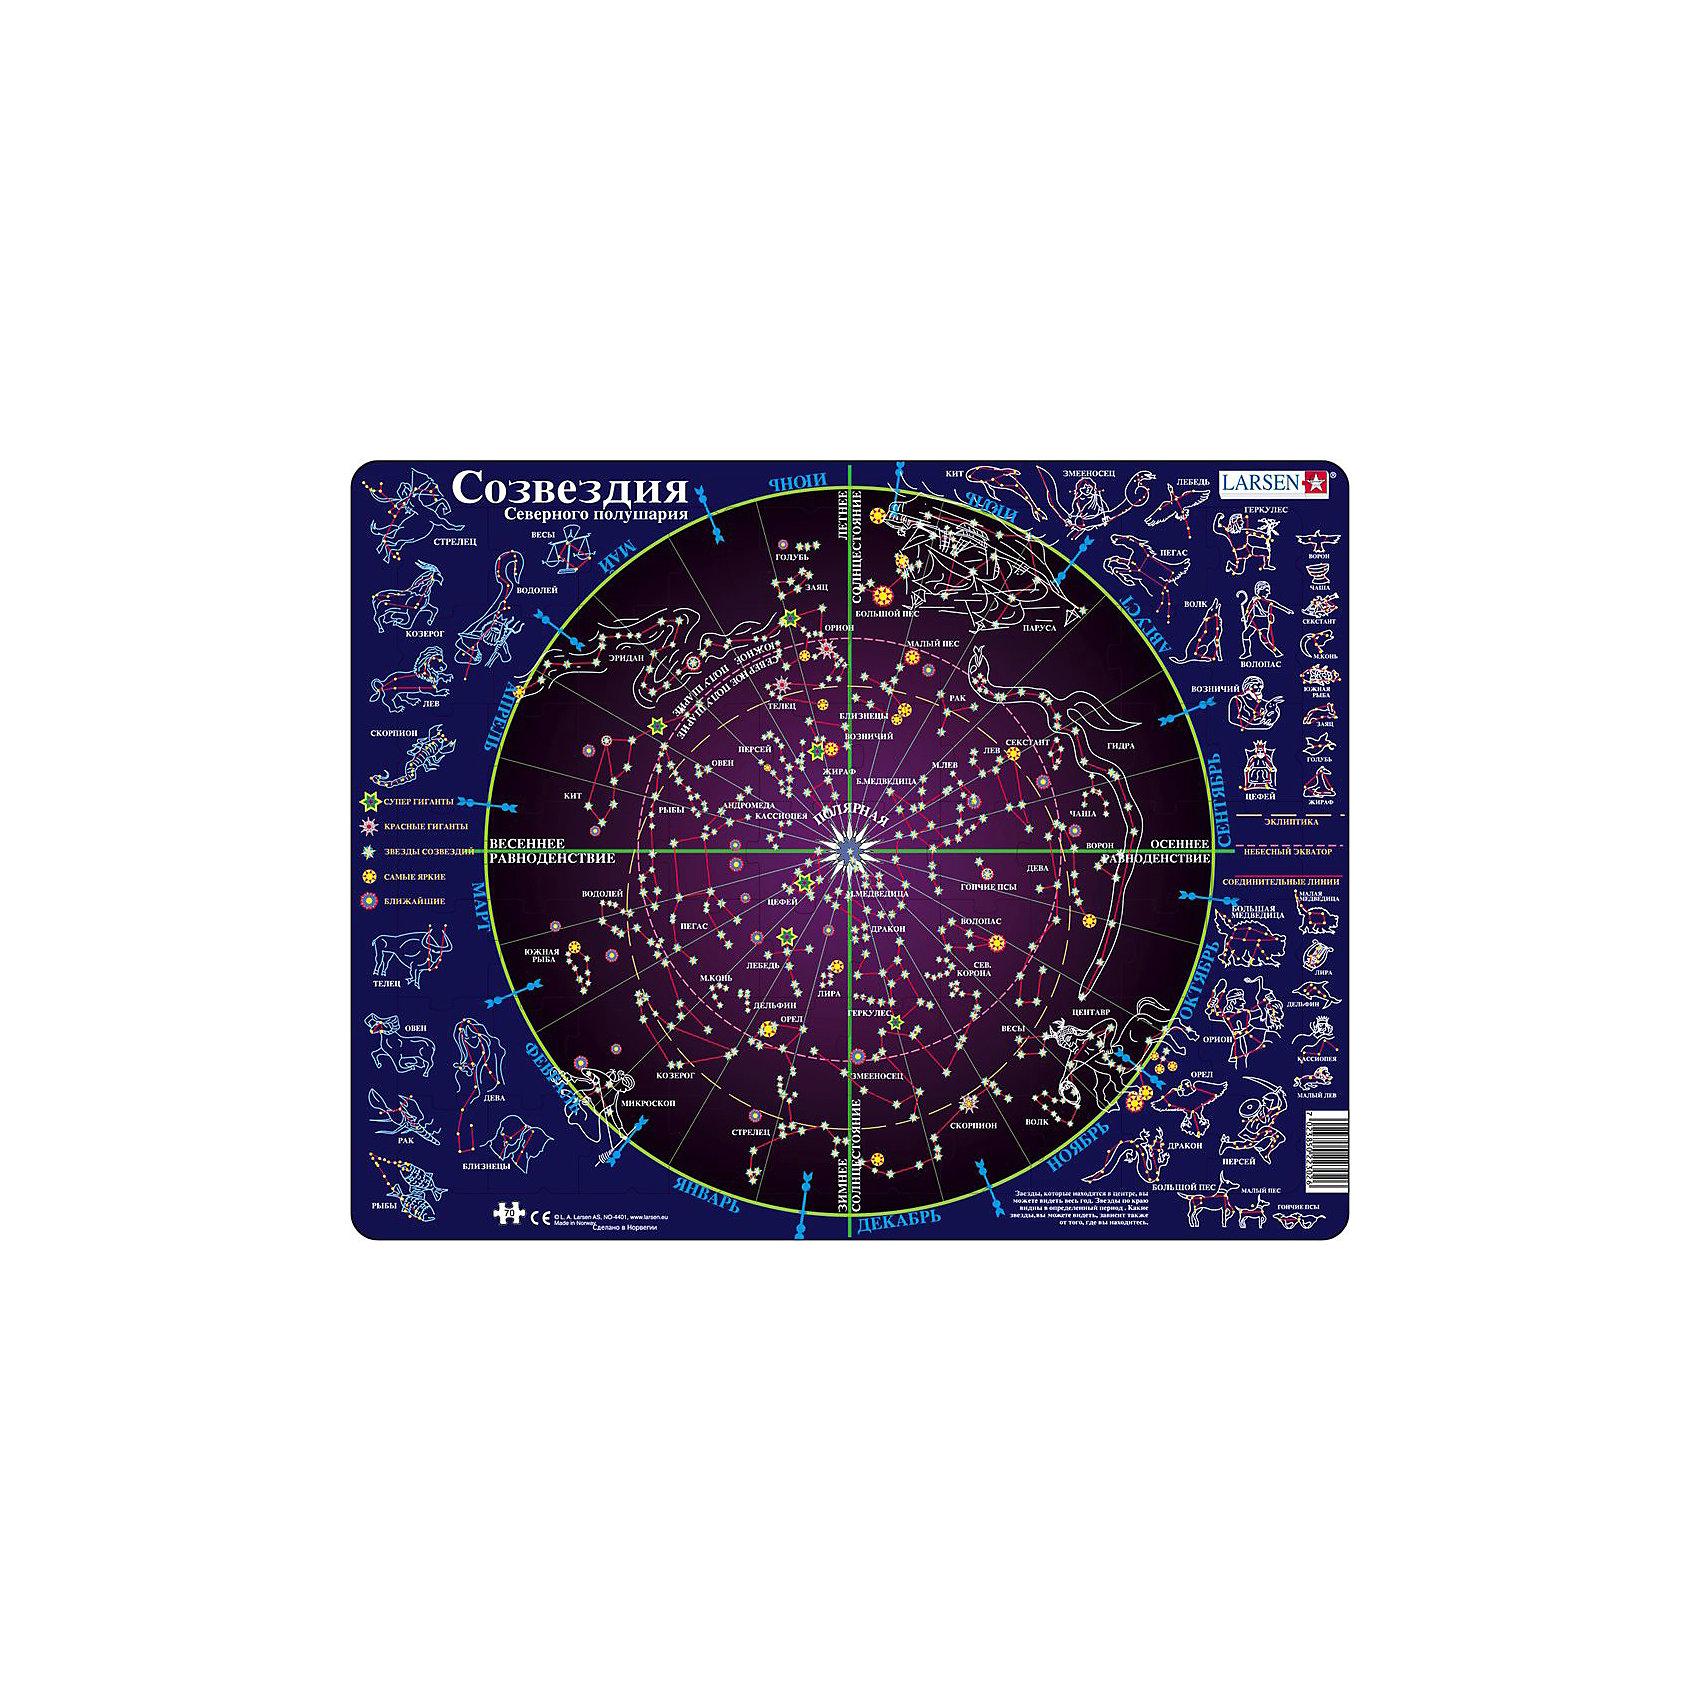 Пазл Созвездия,  Larsen, 70 деталейКлассические пазлы<br>Пазл Созвездия,  Larsen, 70 деталей в занимательной форме познакомит Вашего ребенка с основами астрономии. Пазл ярко и достоверно иллюстрирует часть звездного неба, видимого из Северного полушария Земли. В центре находится самая яркая Полярная звезда. На карте звездного неба звезды изображены условными обозначениями по следующей классификации: супергиганты, красные гиганты, звезды созвездий, самые яркие, ближайшие. Определяют их по яркости, степени удаленности, величине. Все созвездия представлены в двух видах, соединенных между собой: в центре круга - их положение на карте звездного неба, за пределами круга – их зодиакальное представление. Звезды, расположенные в центре круга, можно наблюдать на небе круглый год. Звезды, расположенные ближе к окраине круга можно видеть только в определенные месяцы года. За пределами круга указаны месяцы года, в течение которых созвездия будут видны на небе. В процессе сборки пазла, ребенок познакомится с такими понятиями как «эклиптика», «небесный экватор», «весеннее равноденствие», «осеннее равноденствие», «зимнее и летнее солнцестояние». Изготовлен пазл из плотного трехслойного картона, имеет специальную подложку и рамку, которые облегчают процесс сборки. Принцип сборки пазла заключается в использовании принципа совместимости изображений и контуров пазла. Если малыш не сможет совместить детали пазла по рисунку, он сделает это по контуру пазла, вставив его в подложку как вкладыш. Высокое качество материала и печати не допускают износа, расслаивания, деформации деталей и стирания рисунка. Многообразие форм и разные размеры деталей пазла развивают мелкую моторику пальцев. Занятия по сборке пазла развивают образное и логическое мышление, пространственное воображение, память, внимание, усидчивость, координацию движений.<br><br>Дополнительная информация:<br><br>- Количество элементов: 70 деталей<br>- Материал: плотный трехслойный картон<br>- Размер пазла: 36,5 x 28,5 см.<br><br>П